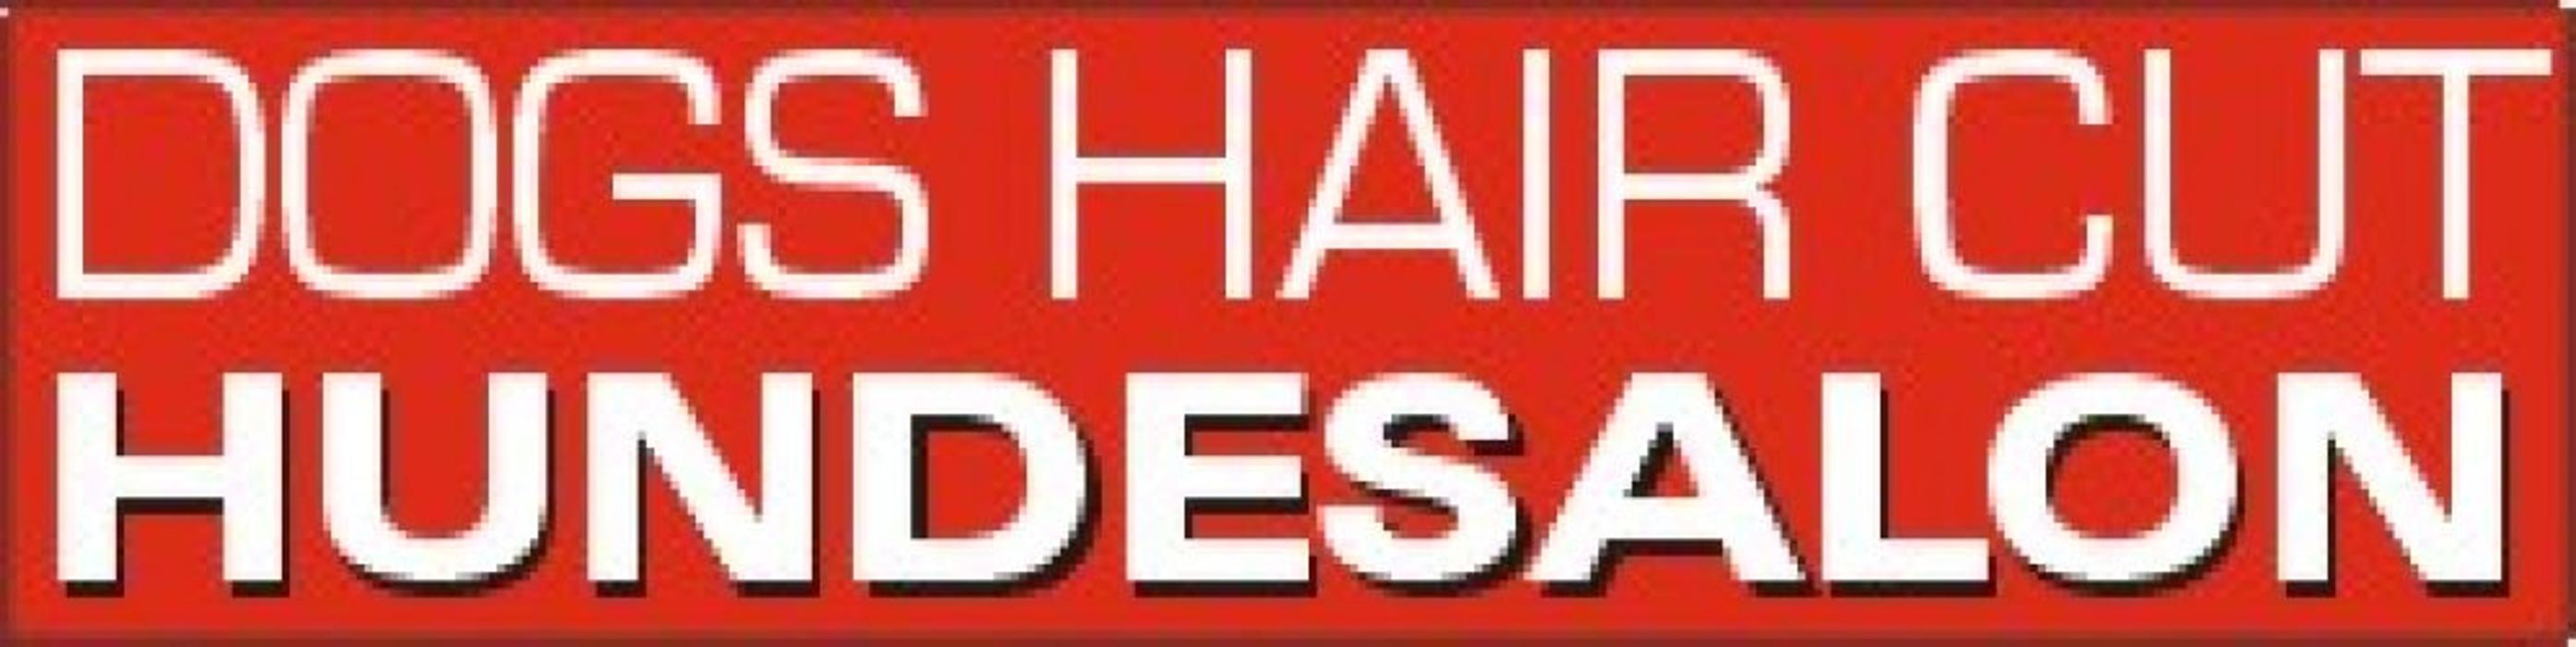 Bild zu Dogs Hair Cut Hundesalon in Oldenburg in Oldenburg